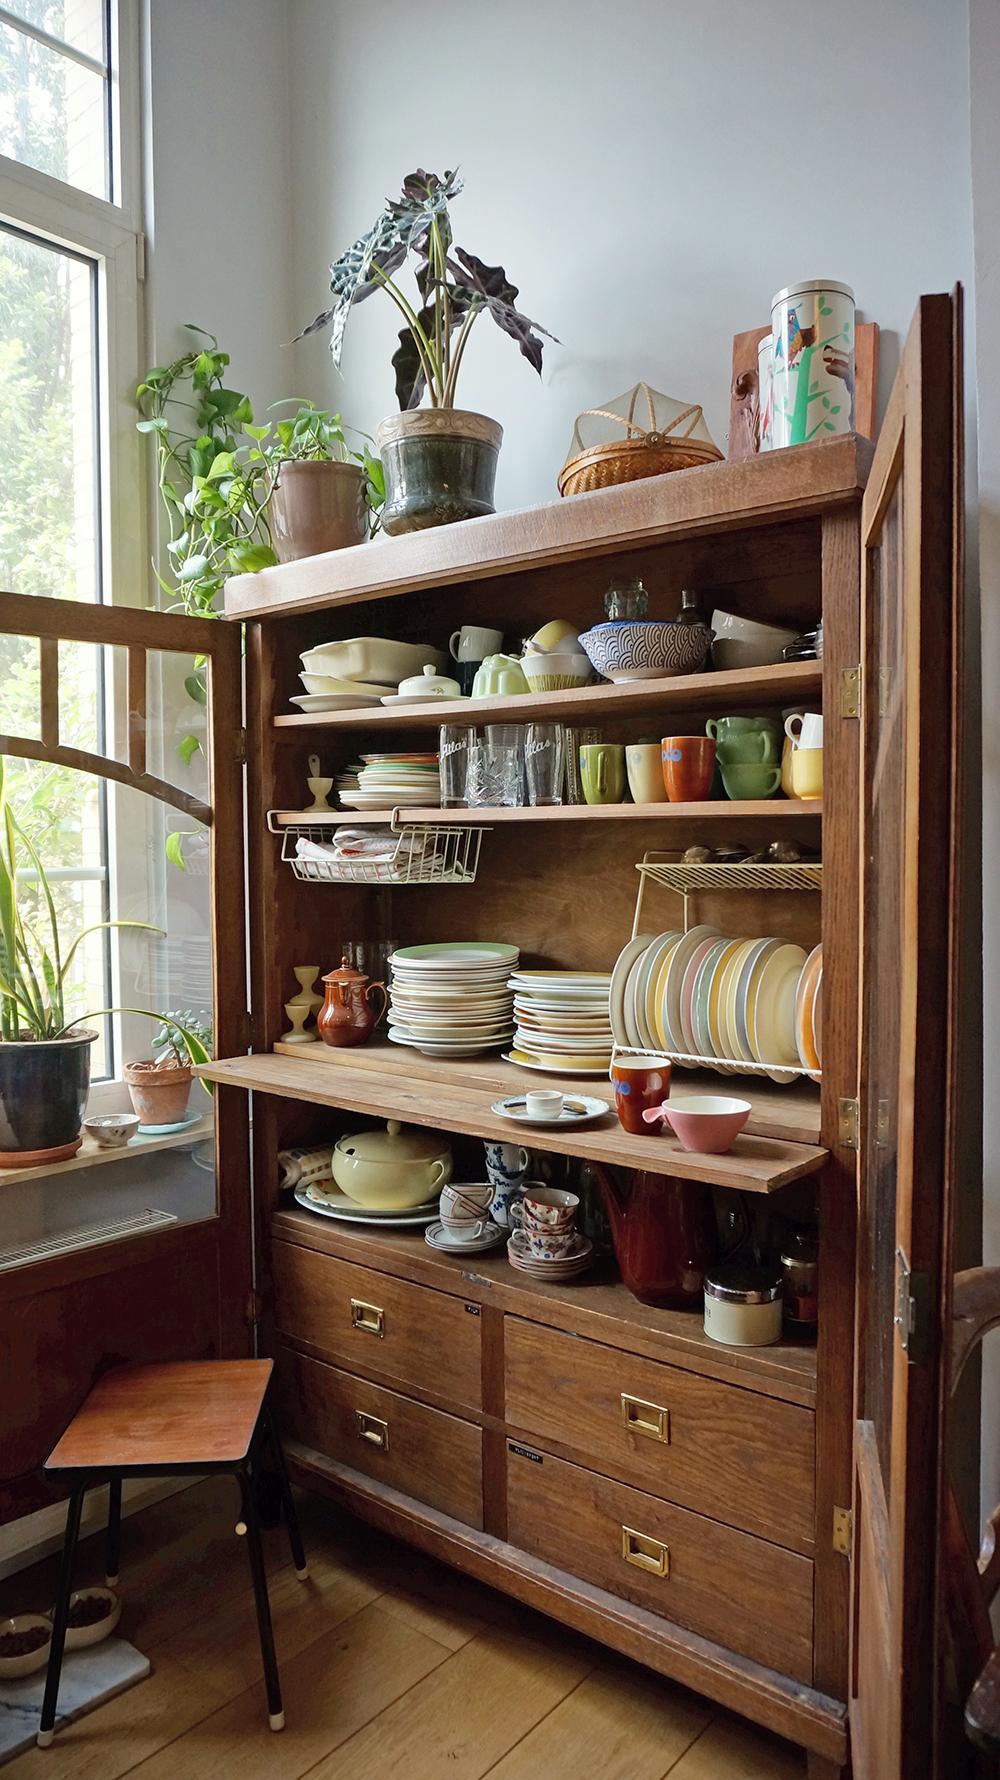 we-hebben-nooit-begrepen-waarom-mensen-duizenden-euro-s-aan-een-keuken-uitgeven-al-die-weggewerkte-handgrepen-en-steriele-fronts-zijn-helemaal-niet-nodig-als-je-een-praktische-losse-keukenkast-hebt-in-zo-n-vintage-keukenkast-hoort-natuurlijk-vintage-servies-bijna-alles-wat-hierin-staat-is-door-de-jaren-heen-bij-elkaar-verzameld-en-wordt-gewoon-gebruikt